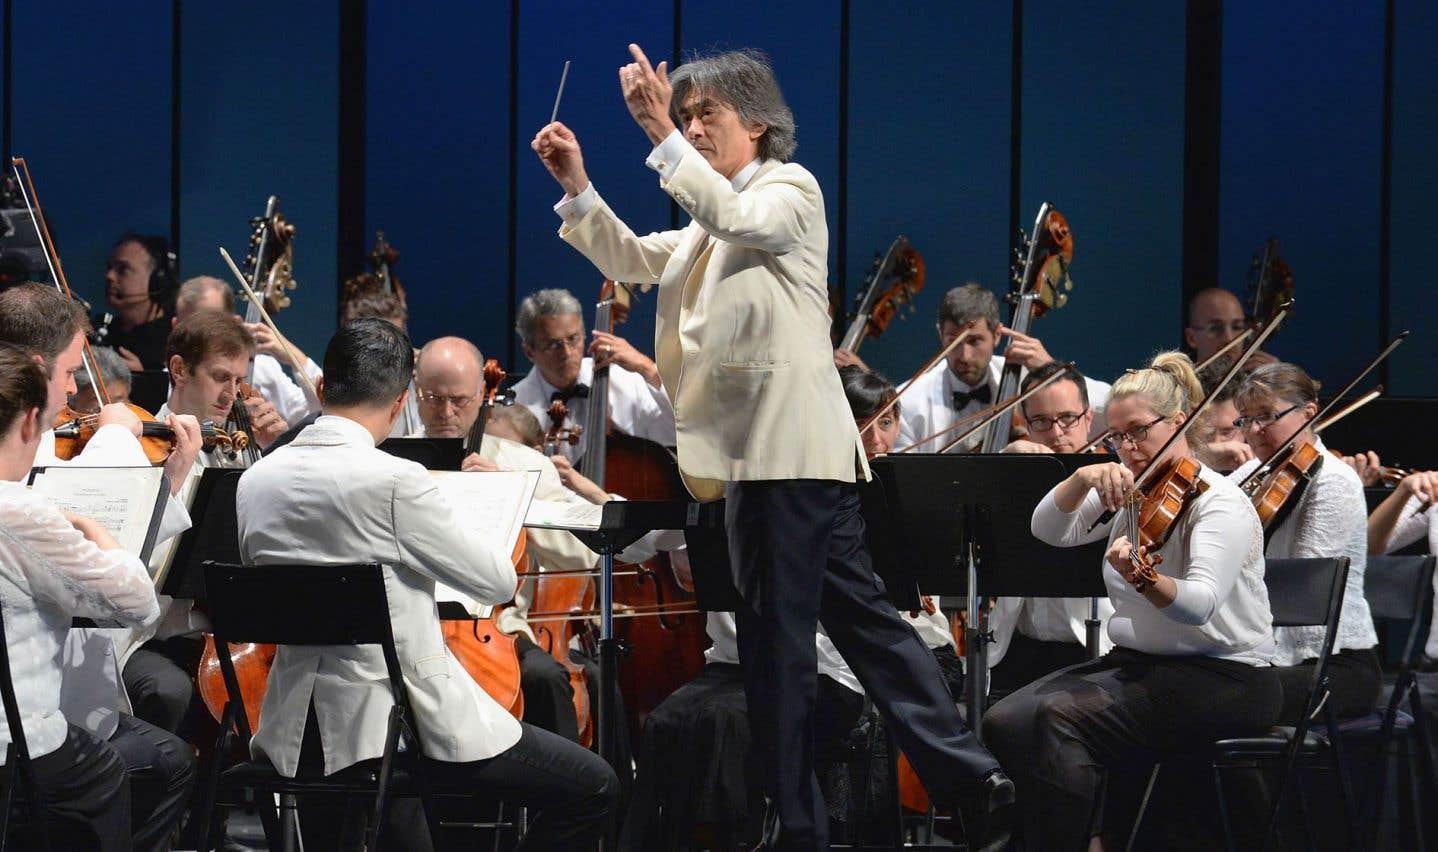 Kent Nagano dirigera l'Orchestre symphonique de Montréal et son chœur dans le Requiem de Fauré, œuvre entourée de mystère.